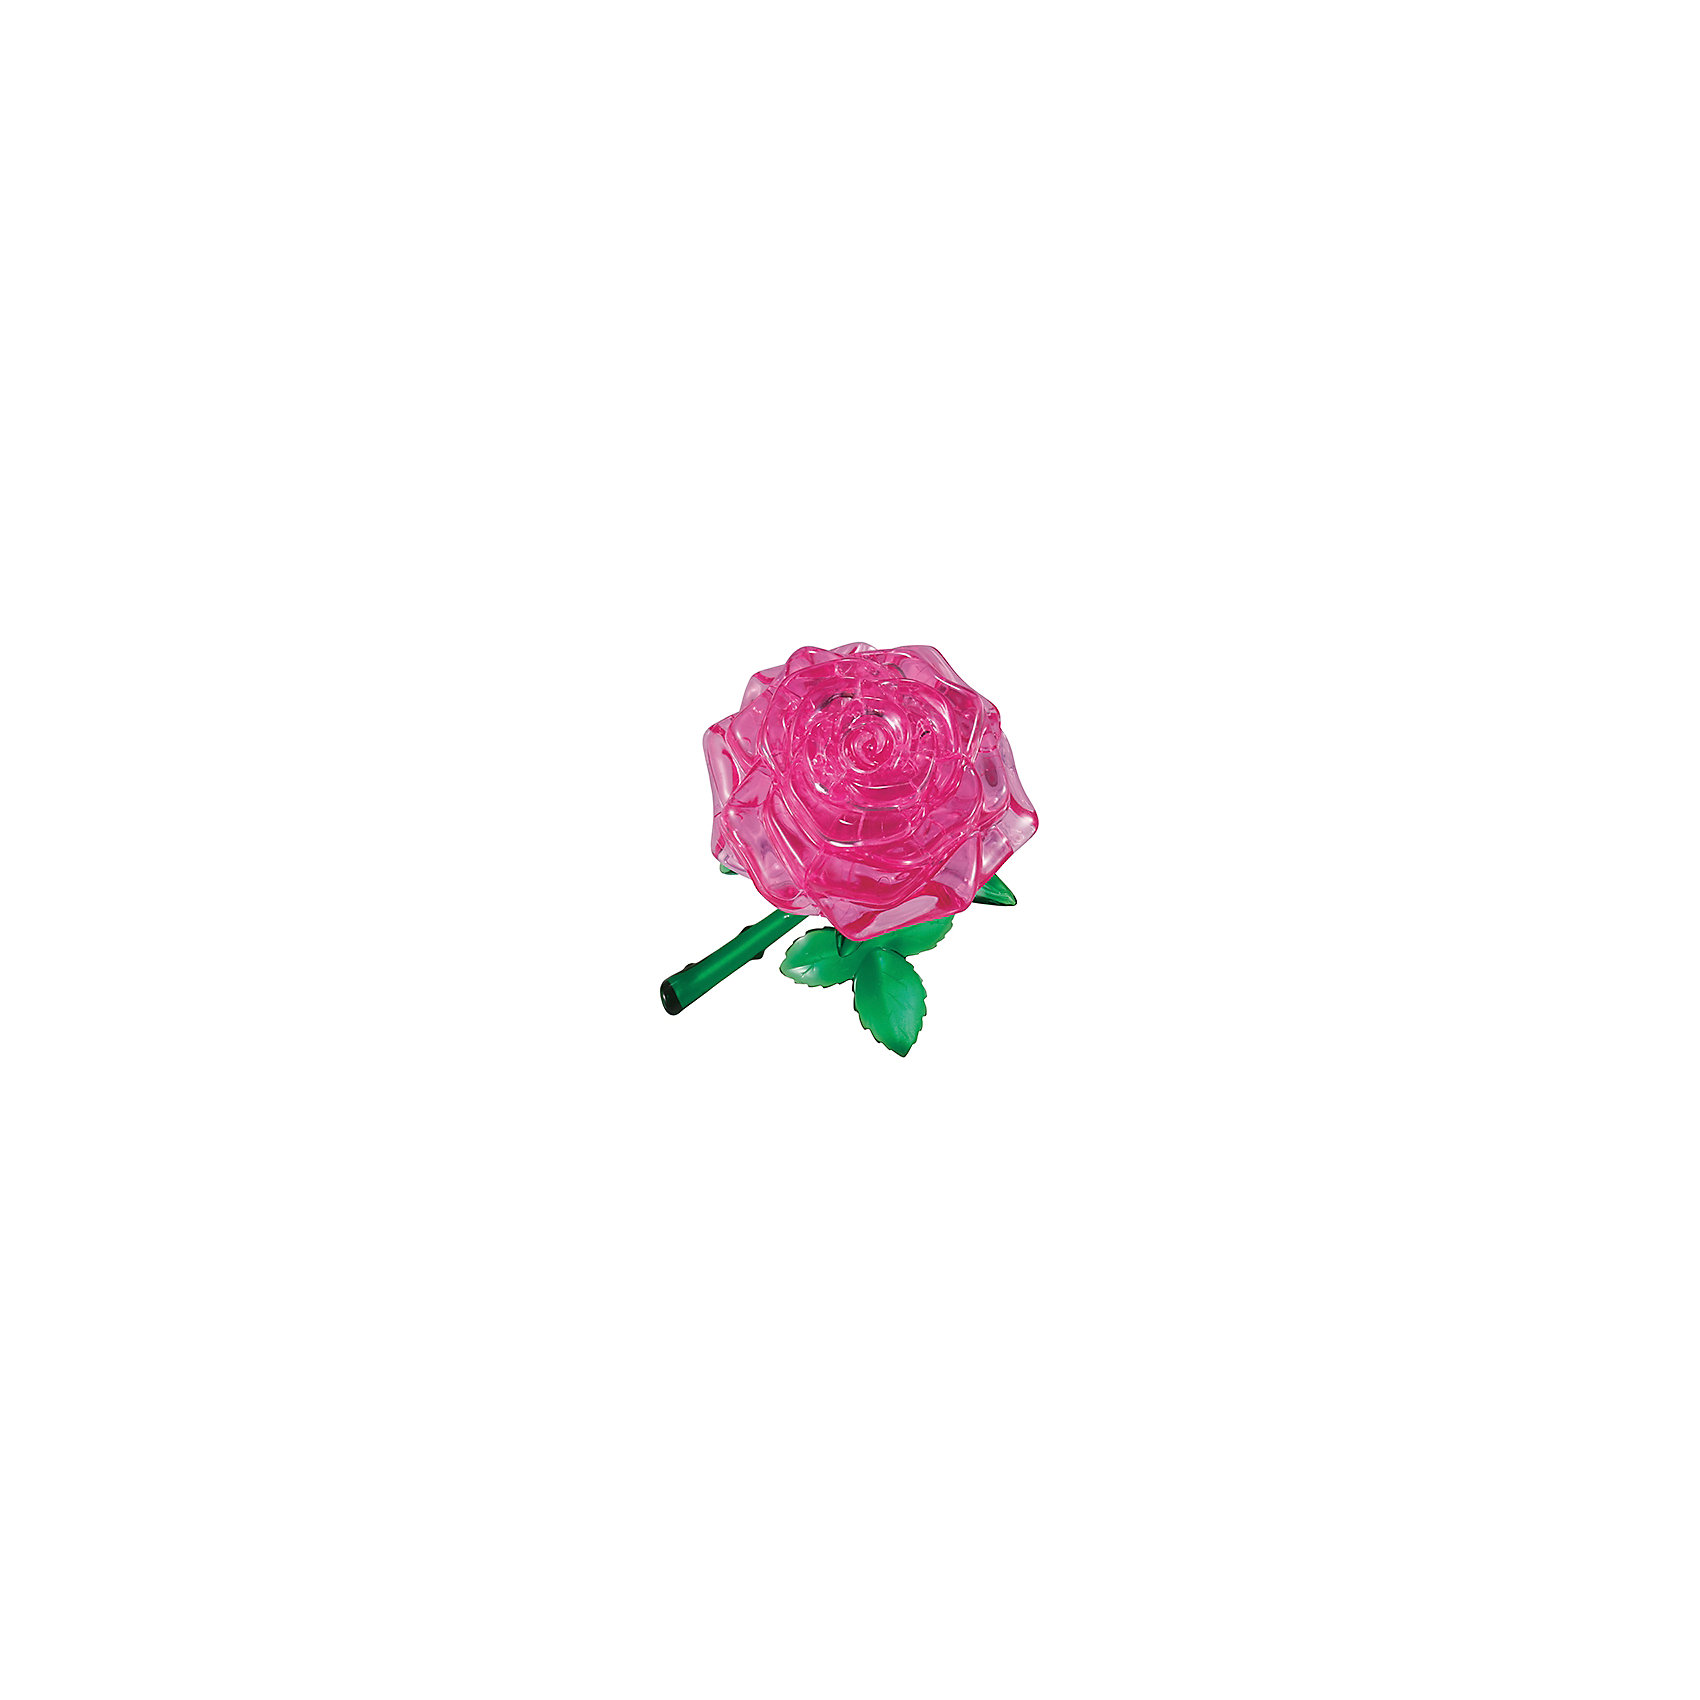 Кристаллический пазл 3D Розовая роза, Crystal PuzzleКристаллический пазл 3D Розовая роза, Crystal Puzzle (Кристал Пазл)<br><br>Характеристики:<br><br>• яркий объемный пазл<br>• размер готовой фигурки: 8 см<br>• количество деталей: 44<br>• высокая сложность<br>• размер упаковки: 5х14х10 см<br>• вес: 188 грамм<br>• материал: пластик<br><br>Объёмный пазл Розовая роза состоит из 44 деталей. Попробуйте собрать головоломку сами или воспользуйтесь инструкцией - результат обязательно порадует вас. Готовая фигурка представляет собой красивую розу, закрепленную на веточке. Роза будет прекрасным украшением для комнаты и, к тому же, поможет в развитии координации движений, мелкой моторики и пространственного мышления.<br><br>Кристаллический пазл 3D Розовая роза, Crystal Puzzle (Кристал Пазл) вы можете купить в нашем интернет-магазине.<br><br>Ширина мм: 100<br>Глубина мм: 140<br>Высота мм: 50<br>Вес г: 188<br>Возраст от месяцев: 120<br>Возраст до месяцев: 2147483647<br>Пол: Женский<br>Возраст: Детский<br>SKU: 5397255